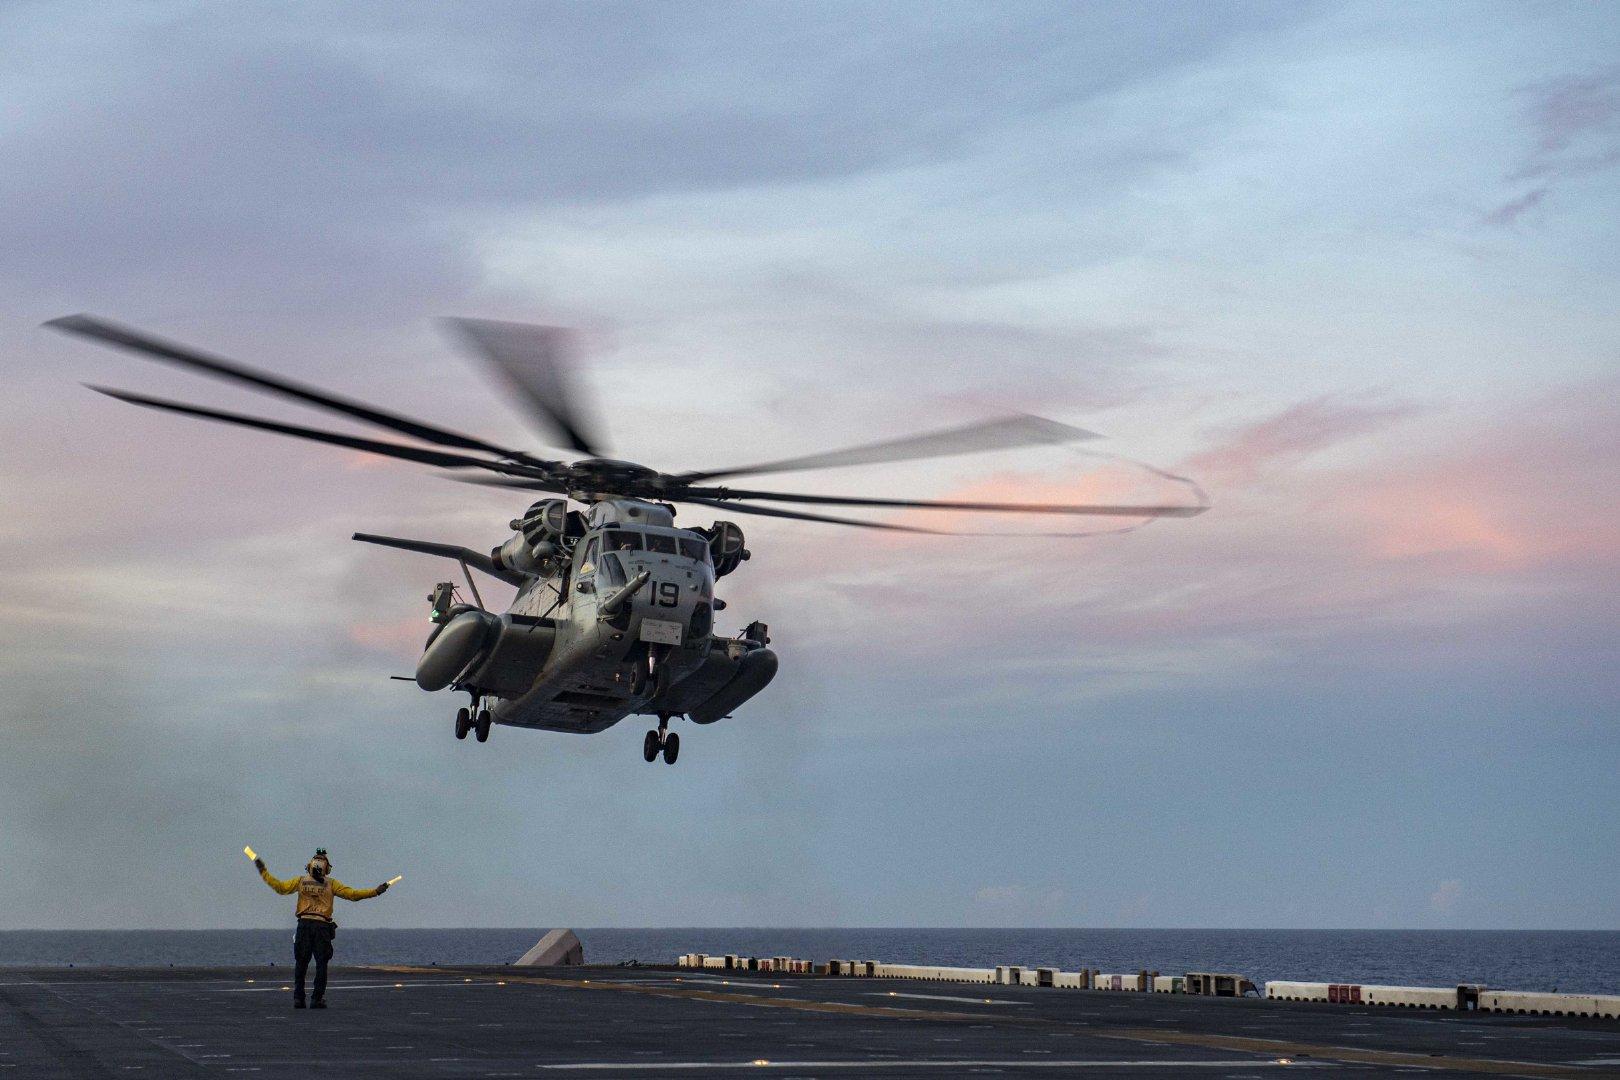 菲律宾海(2020年9月17日)美国号两栖攻击舰(LHA 6)进行飞行操作